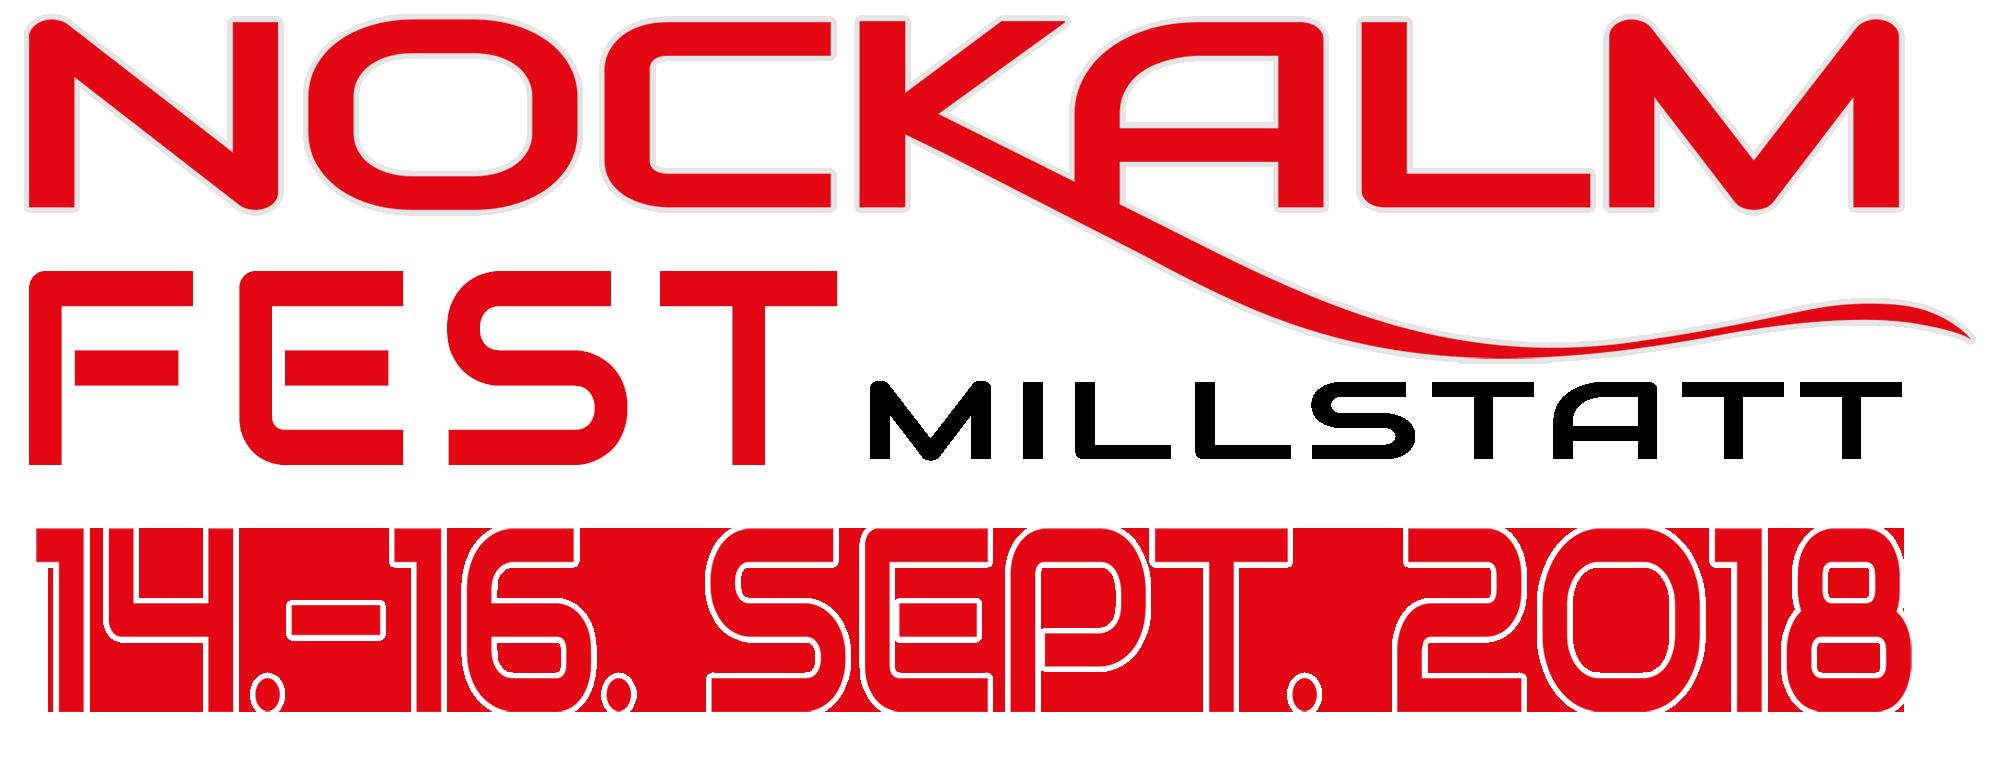 nockalm-fest-logo-rot-schwarz